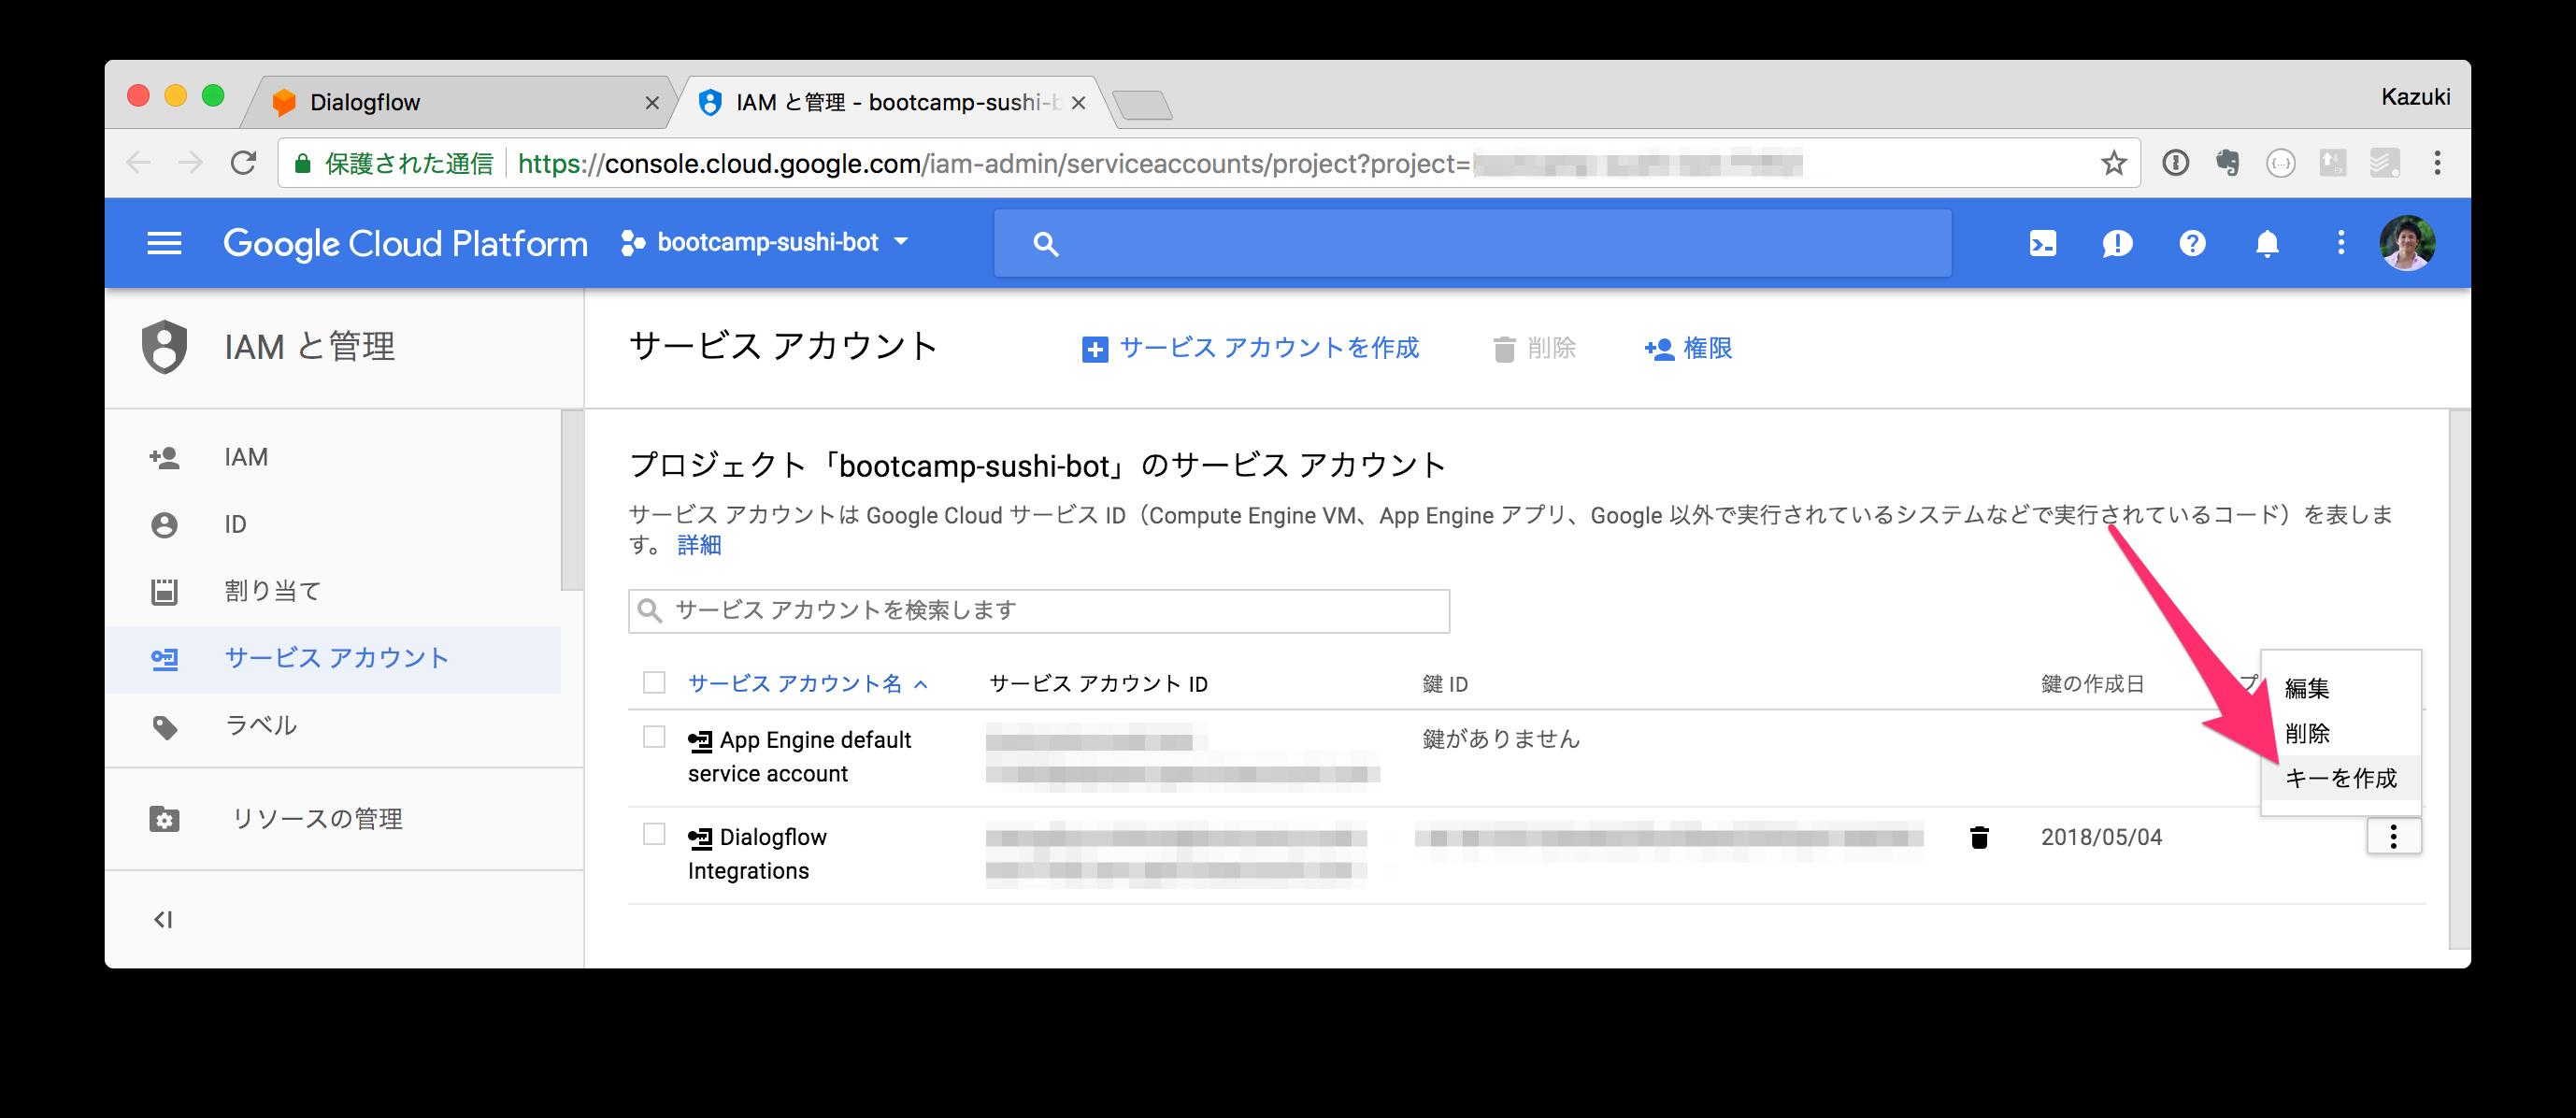 スクリーンショット_2018-05-04_10_56_14.png